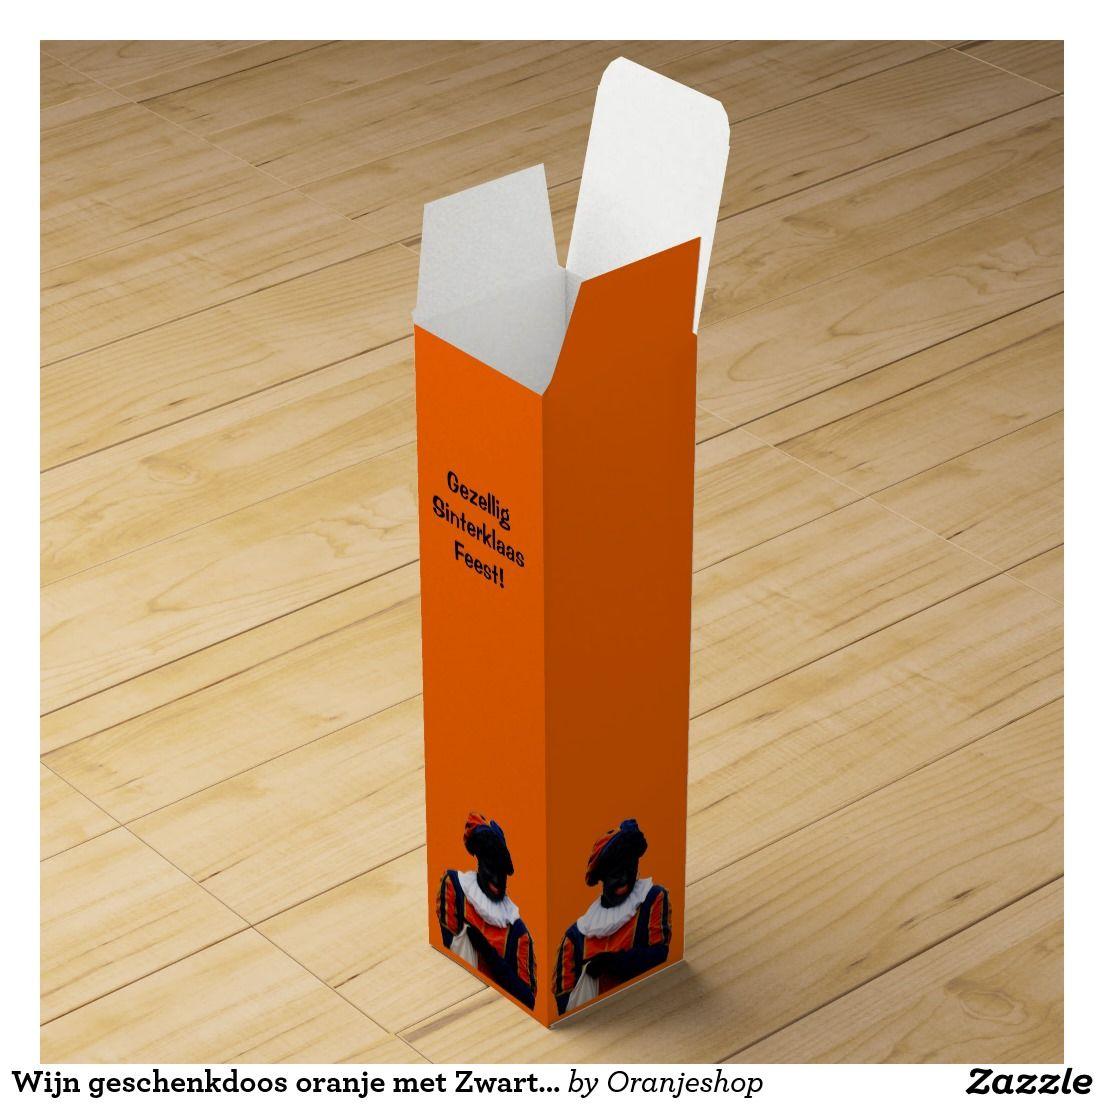 Wijn geschenkdoos oranje met Zwarte Piet Wine Gift Boxes